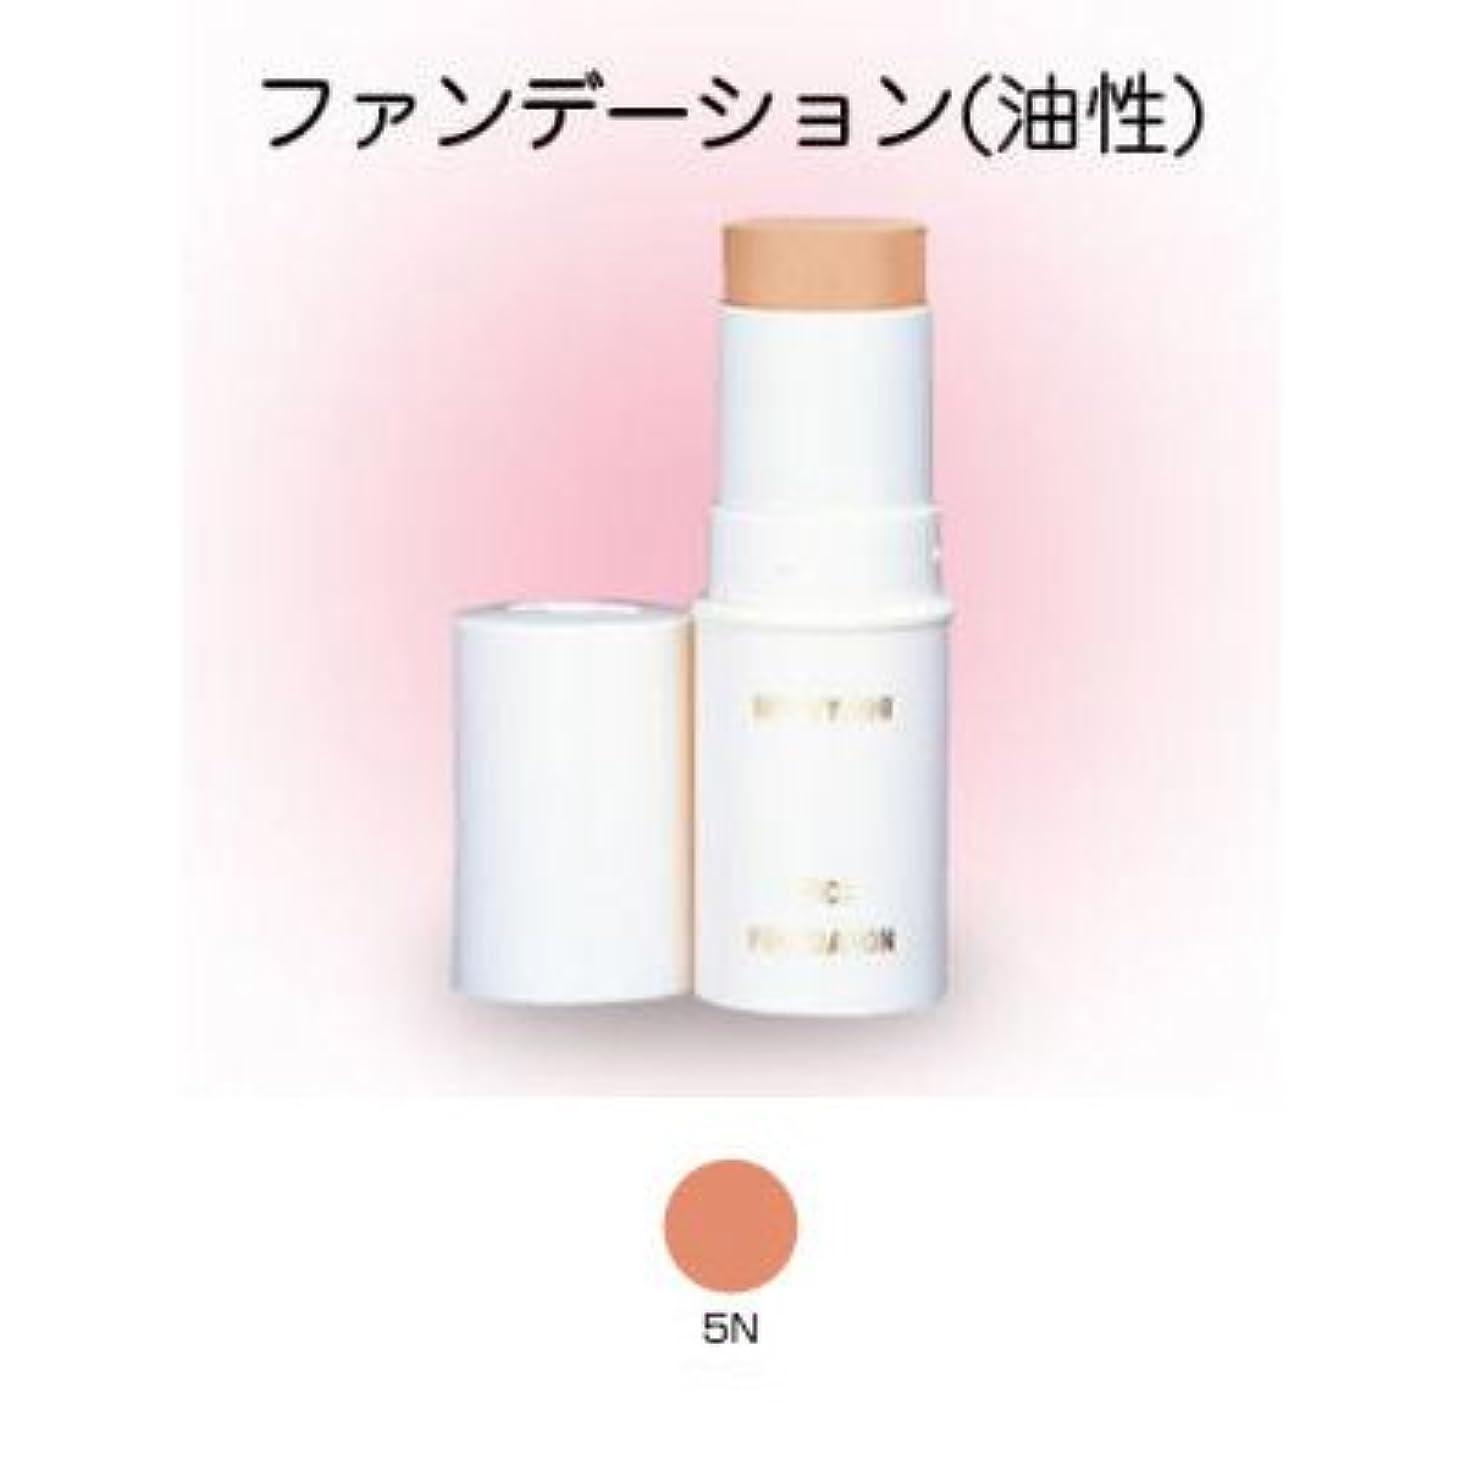 反論ジム緯度スティックファンデーション 16g 5N 【三善】